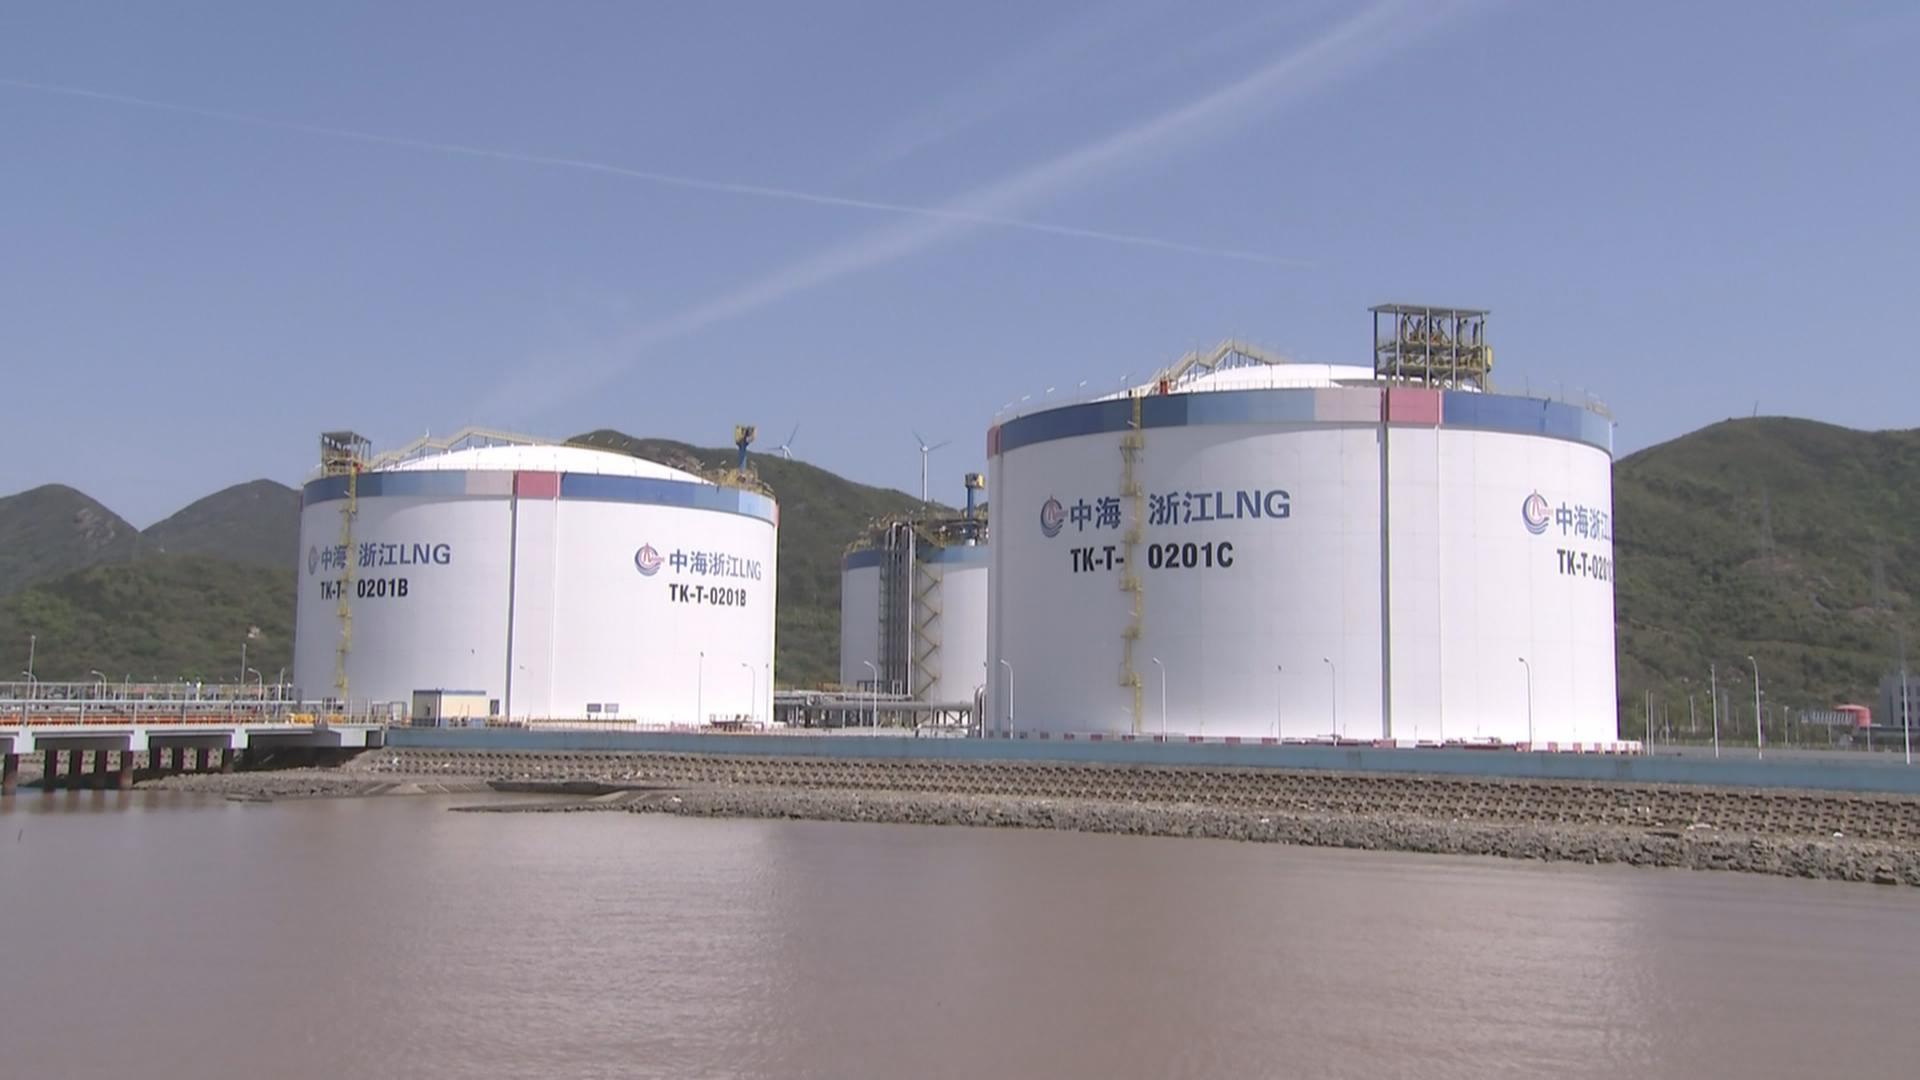 降低工商企业用气成本 宁波市非居民用管道天然气价格再次下调